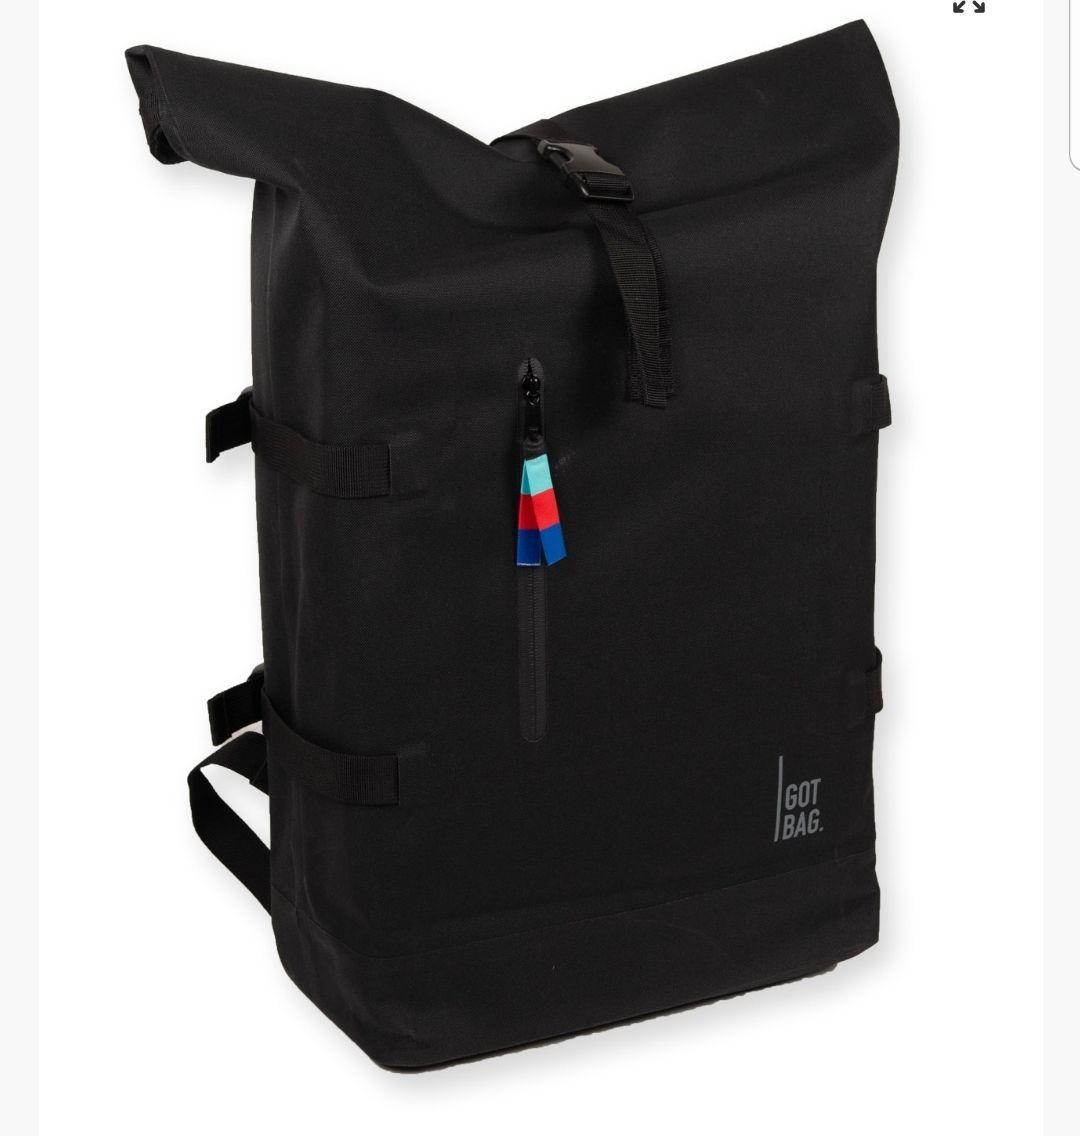 GOTBAG Rucksack schwarz *wie neu* im nachhaltigen SUSLET Outlet